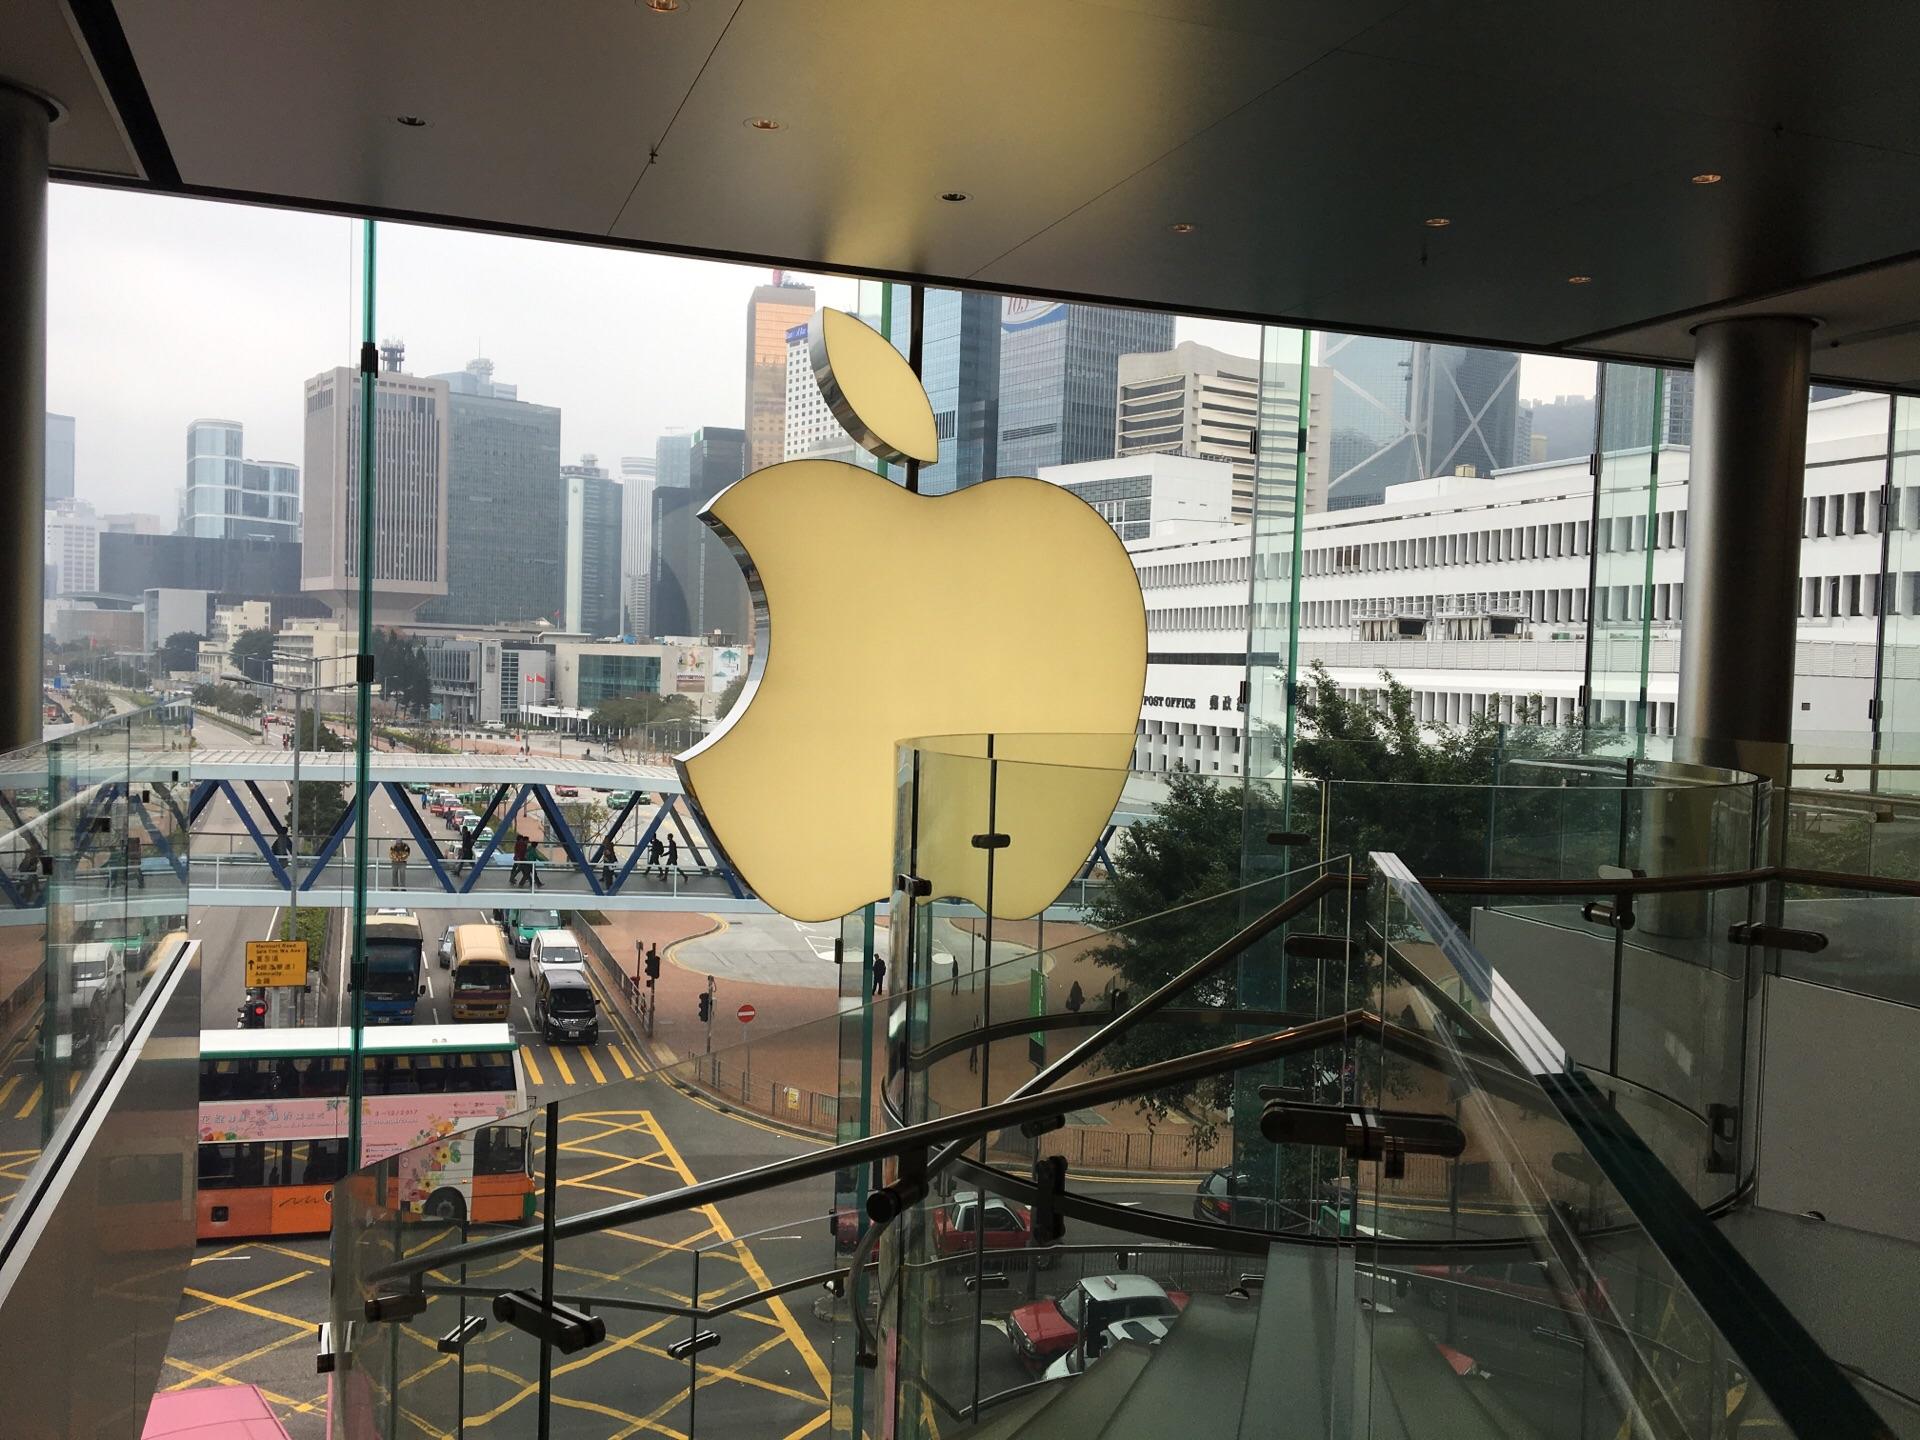 香港香港國際金融中心商場購物攻略,香港國際金融中心商場物中心/地址/電話/營業時間【攜程攻略】